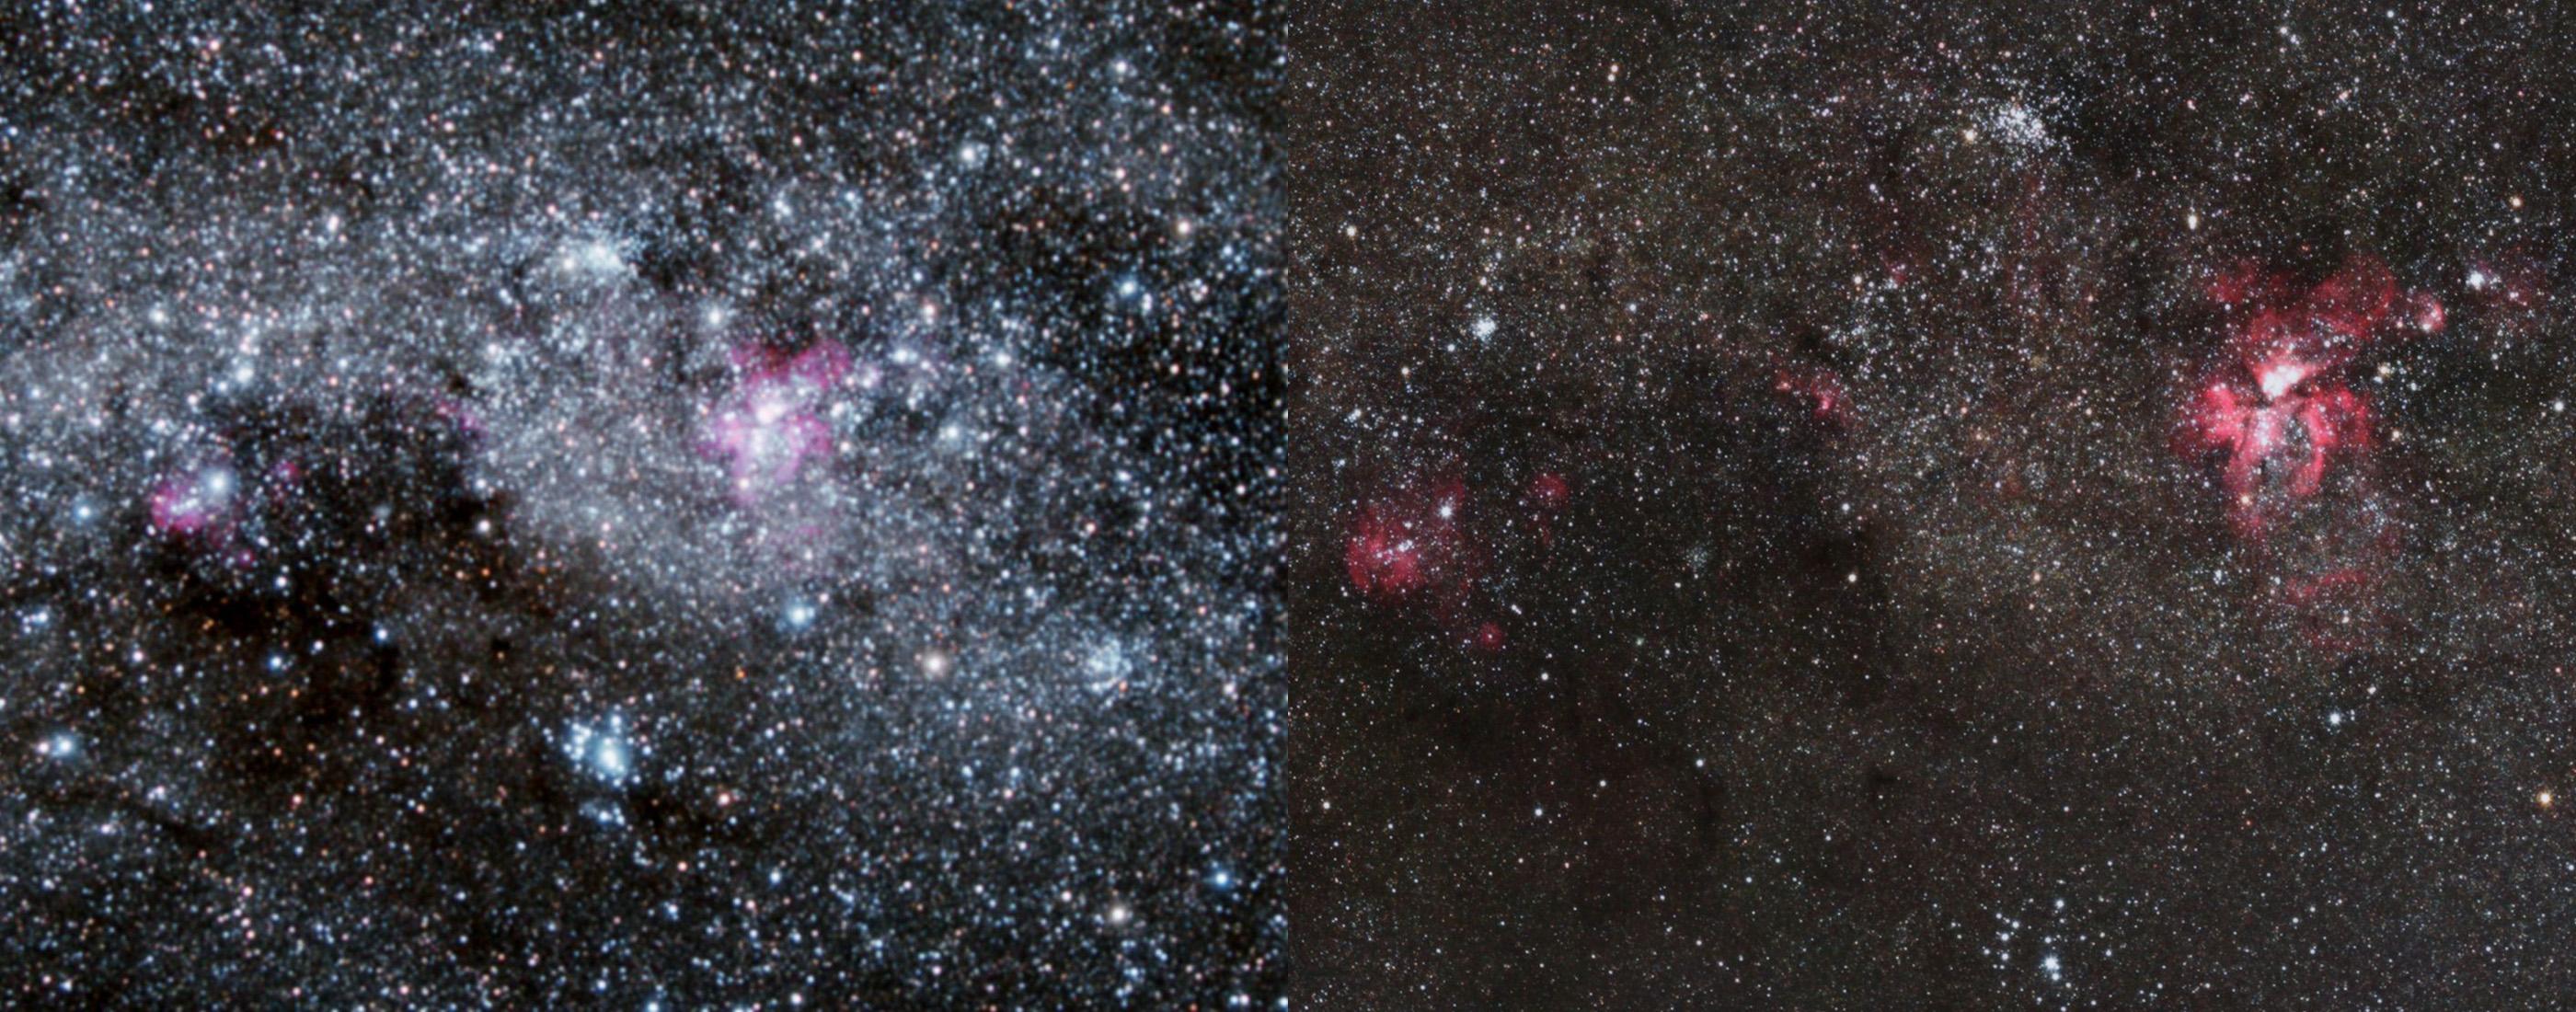 Was 50mm Brennweite bringen, mag dieser Vergleich zeigen: Dargestellt ist jeweils die Regien um den Eta-Carinae-Nebel, links aus dem Milchstraßenpanorama 2.0 (mit 17mm), rechts mit 50mm.